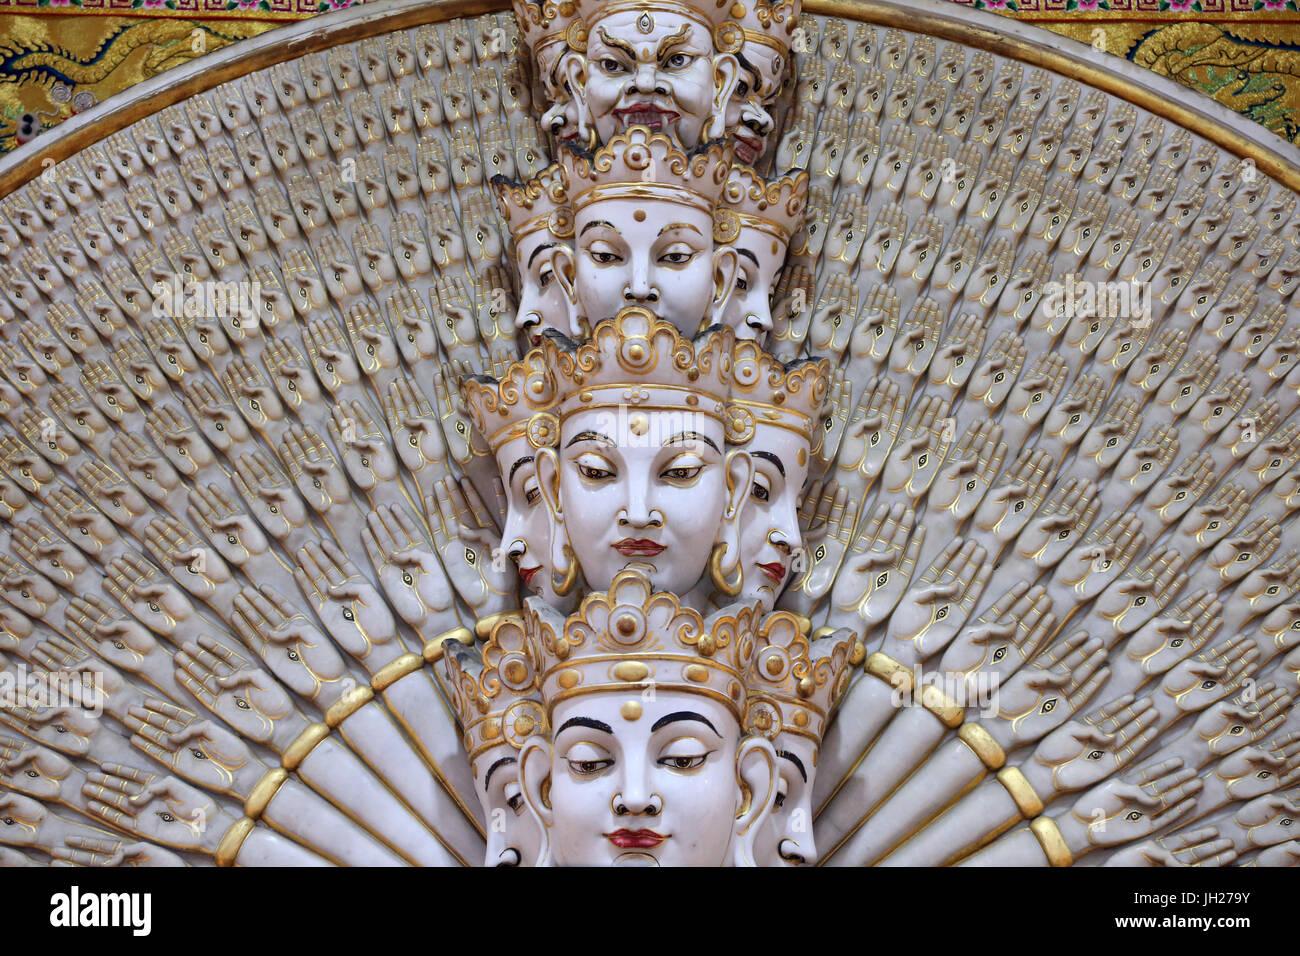 Kong Meng San Phor Kark Véase Monasterio. Salón de la gran compasión. Avalokiteshvara Bodhisvattva de mil brazos y ojos estatua. Singapur. Foto de stock